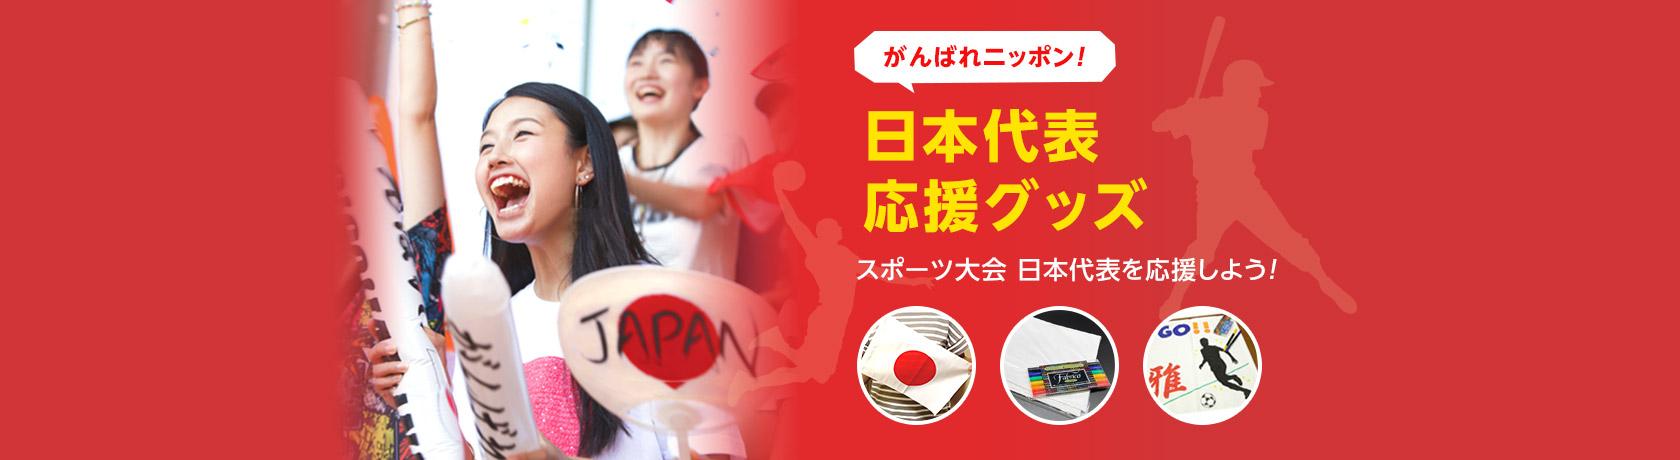 日本代表応援グッズ特集